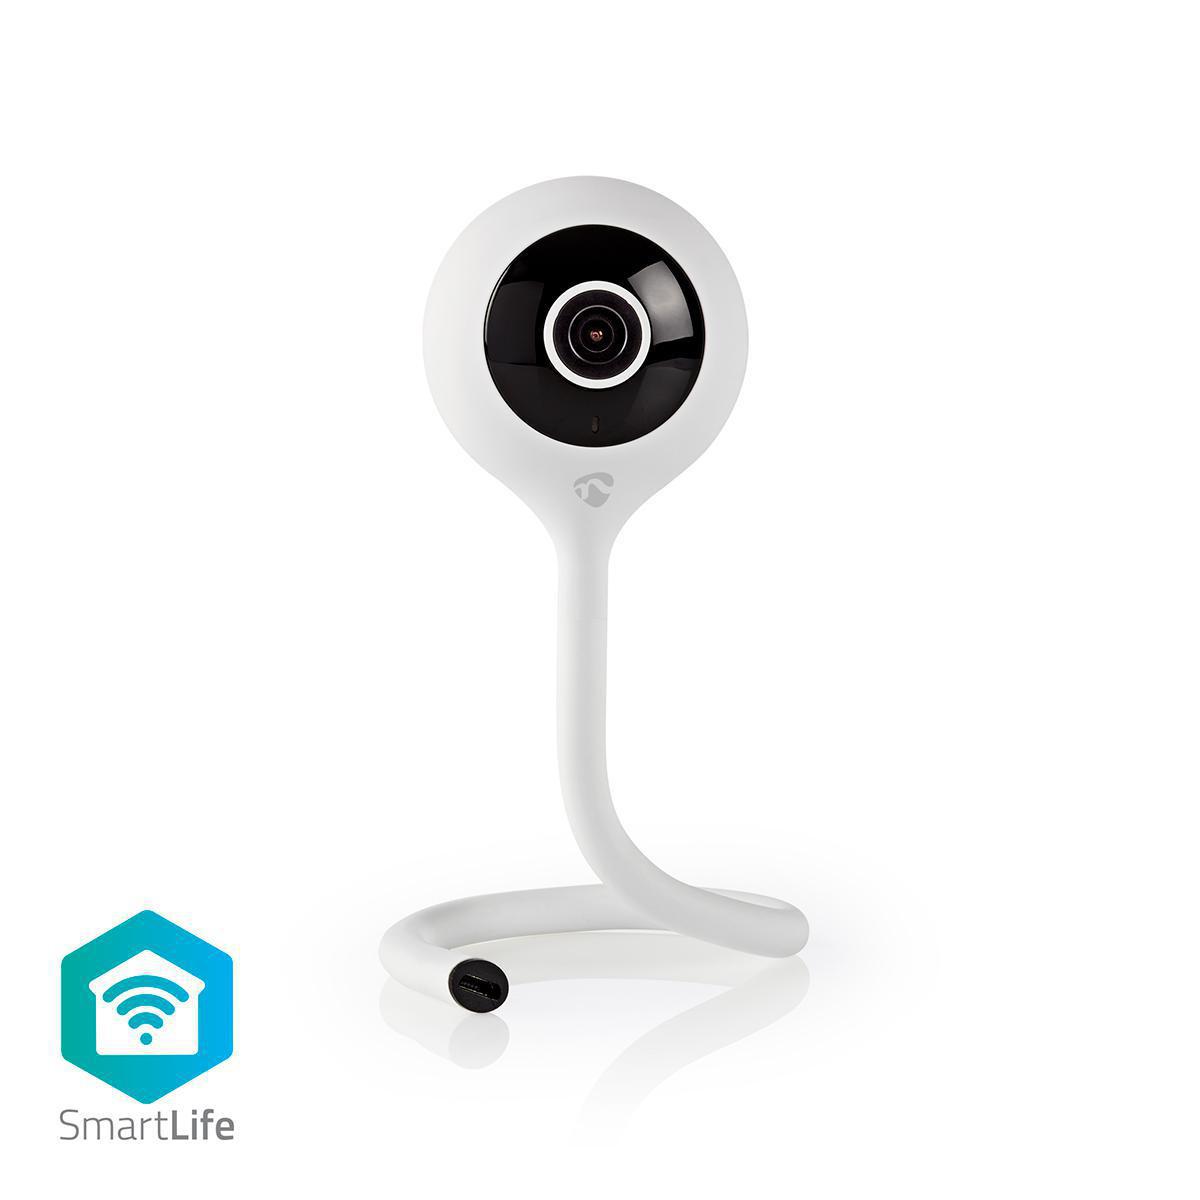 Cette caméra IP Smart Home est un ajout important à tout système de maison intelligente. Elle est directement connectée à votre réseau Wi-Fi domestique (aucun concentrateur supplémentaire n'est requis) et est activée par tous les mouvements et sons de la